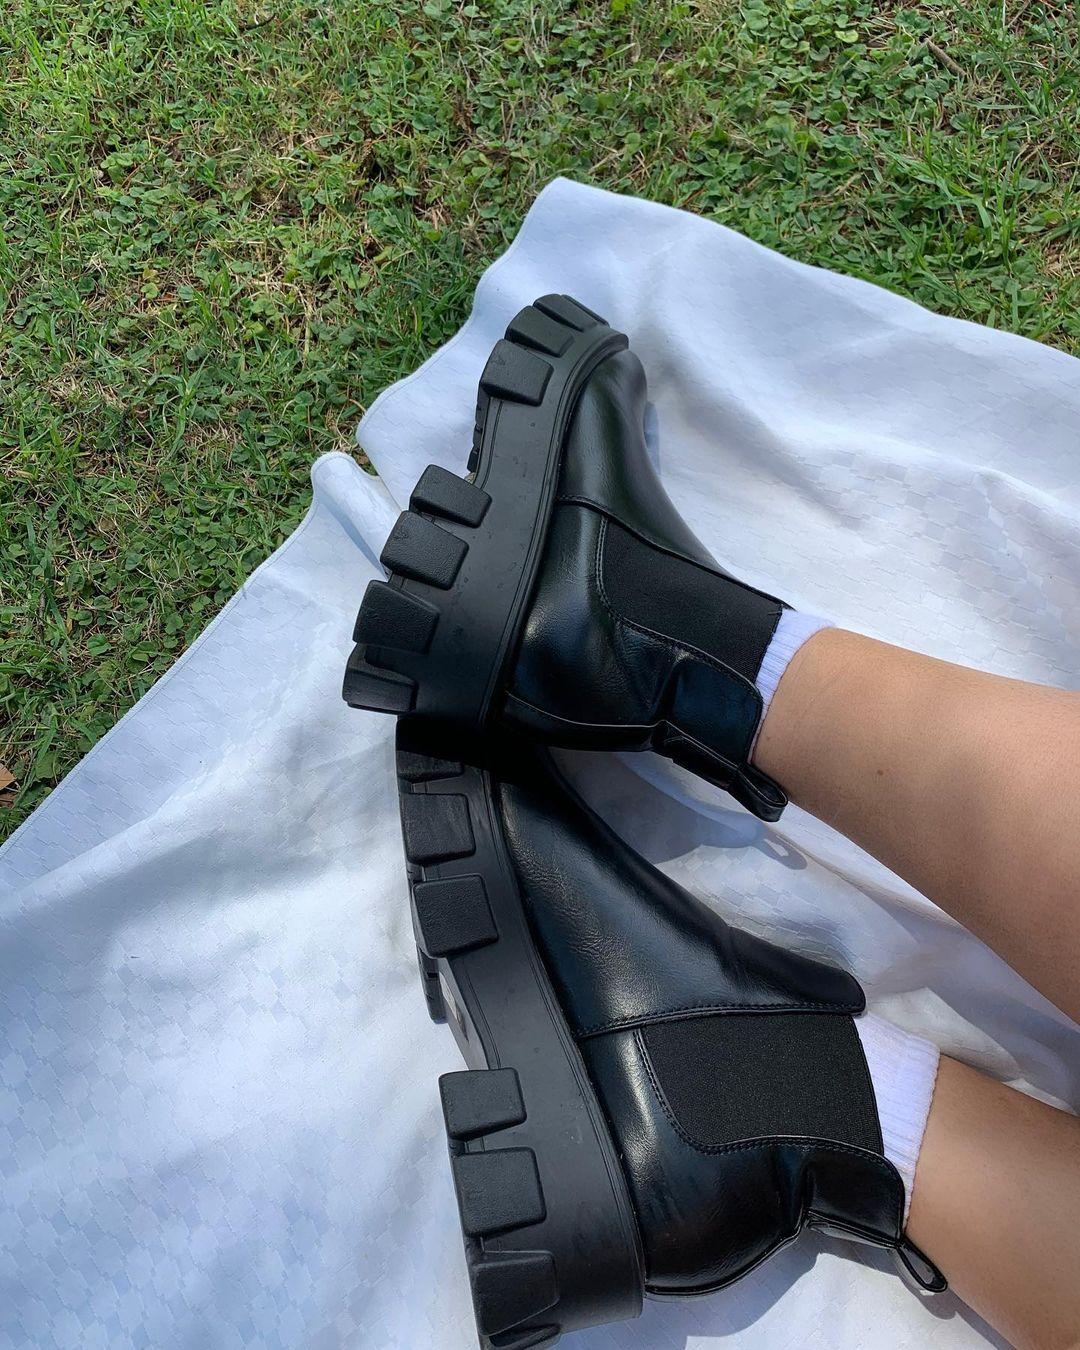 Bota preta tratorada de cano curto. Na foto, só dá para ver os pés e parte da canela. Os pés estão apoiados em um tecido branco, que está em cima da grama.